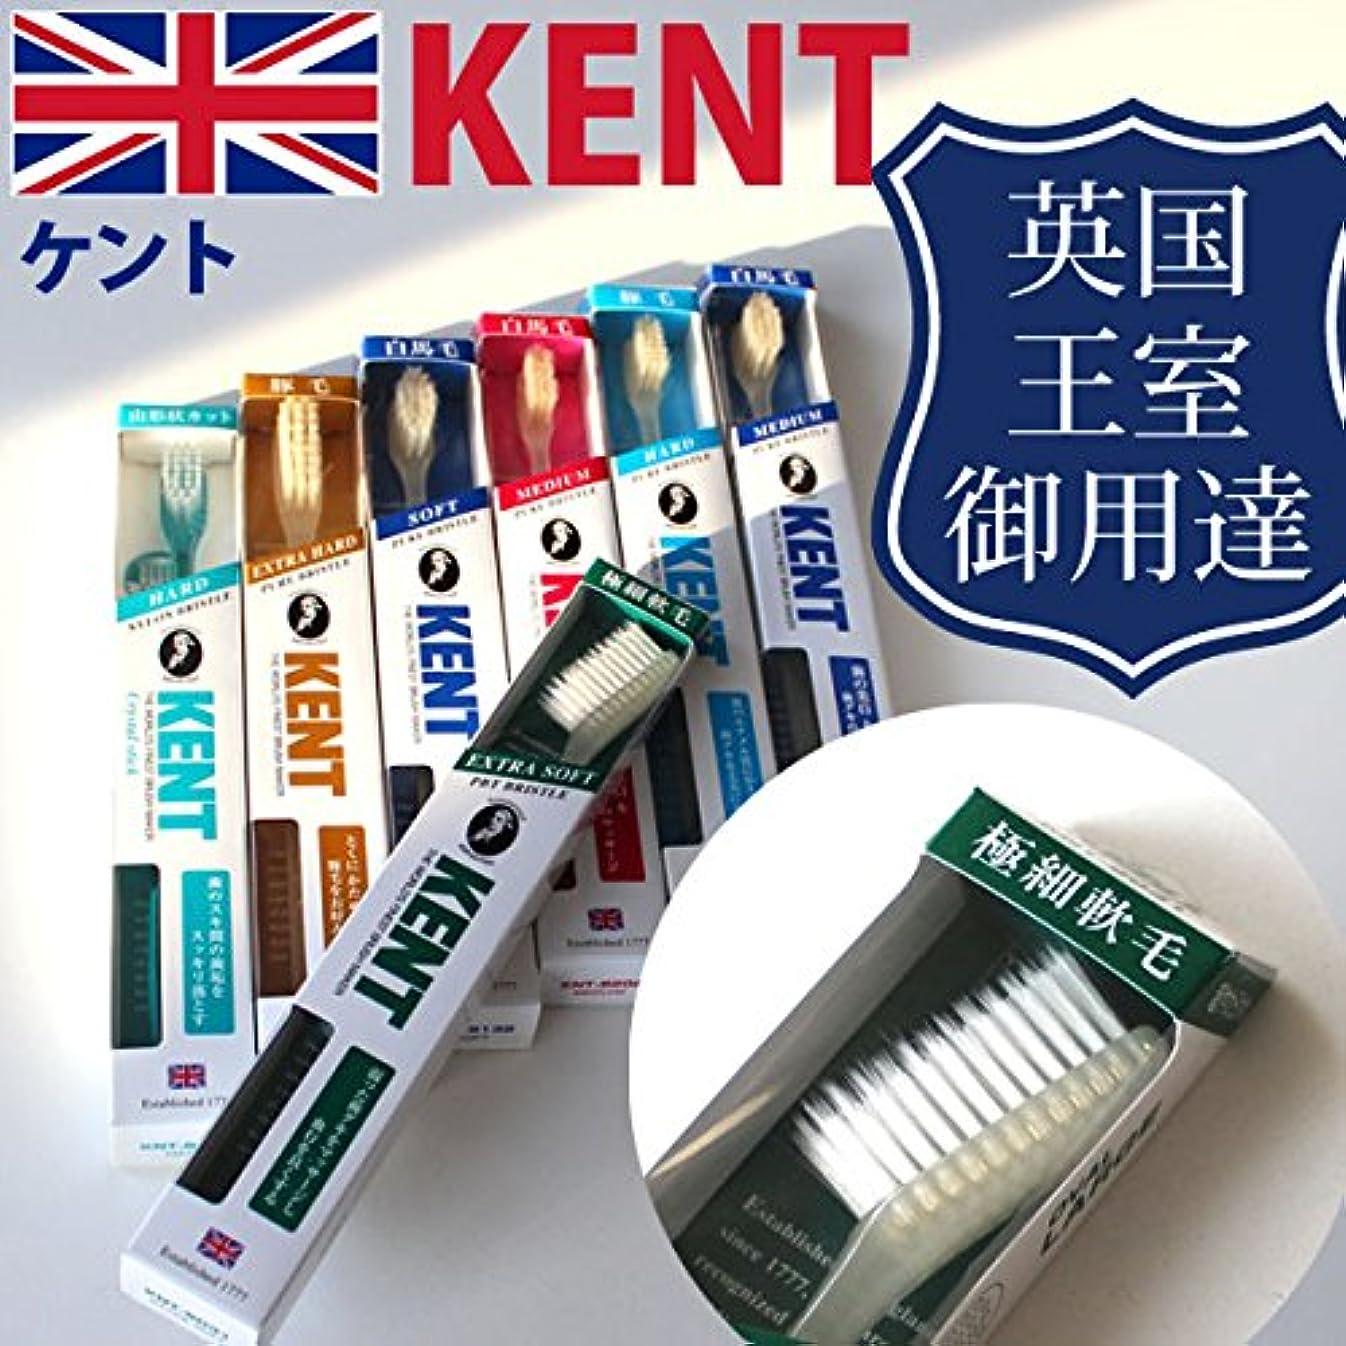 技術的なフックスコットランド人ケント KENT オーバルラージヘッド極細軟毛/歯ブラシKNT-9031 超やわらかめ 6本入り